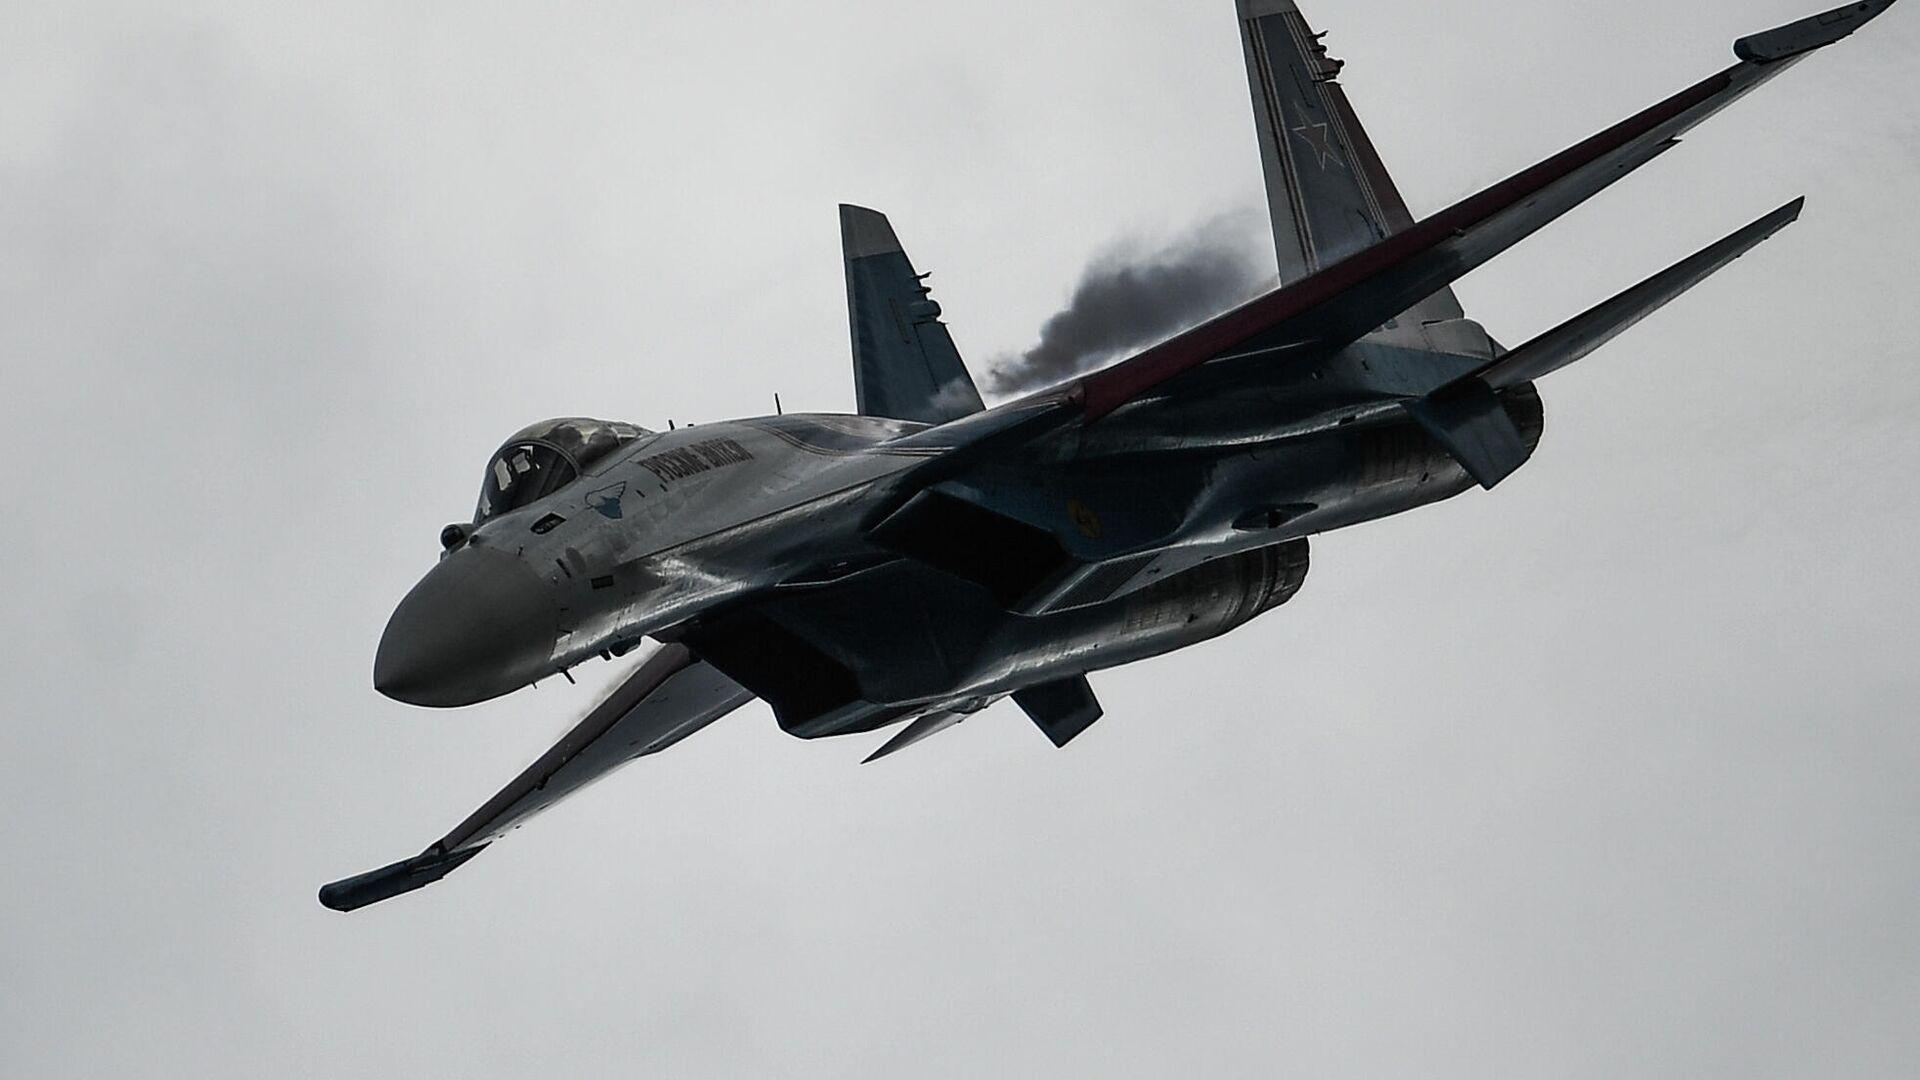 Caza ruso Su-35S - Sputnik Mundo, 1920, 10.06.2021